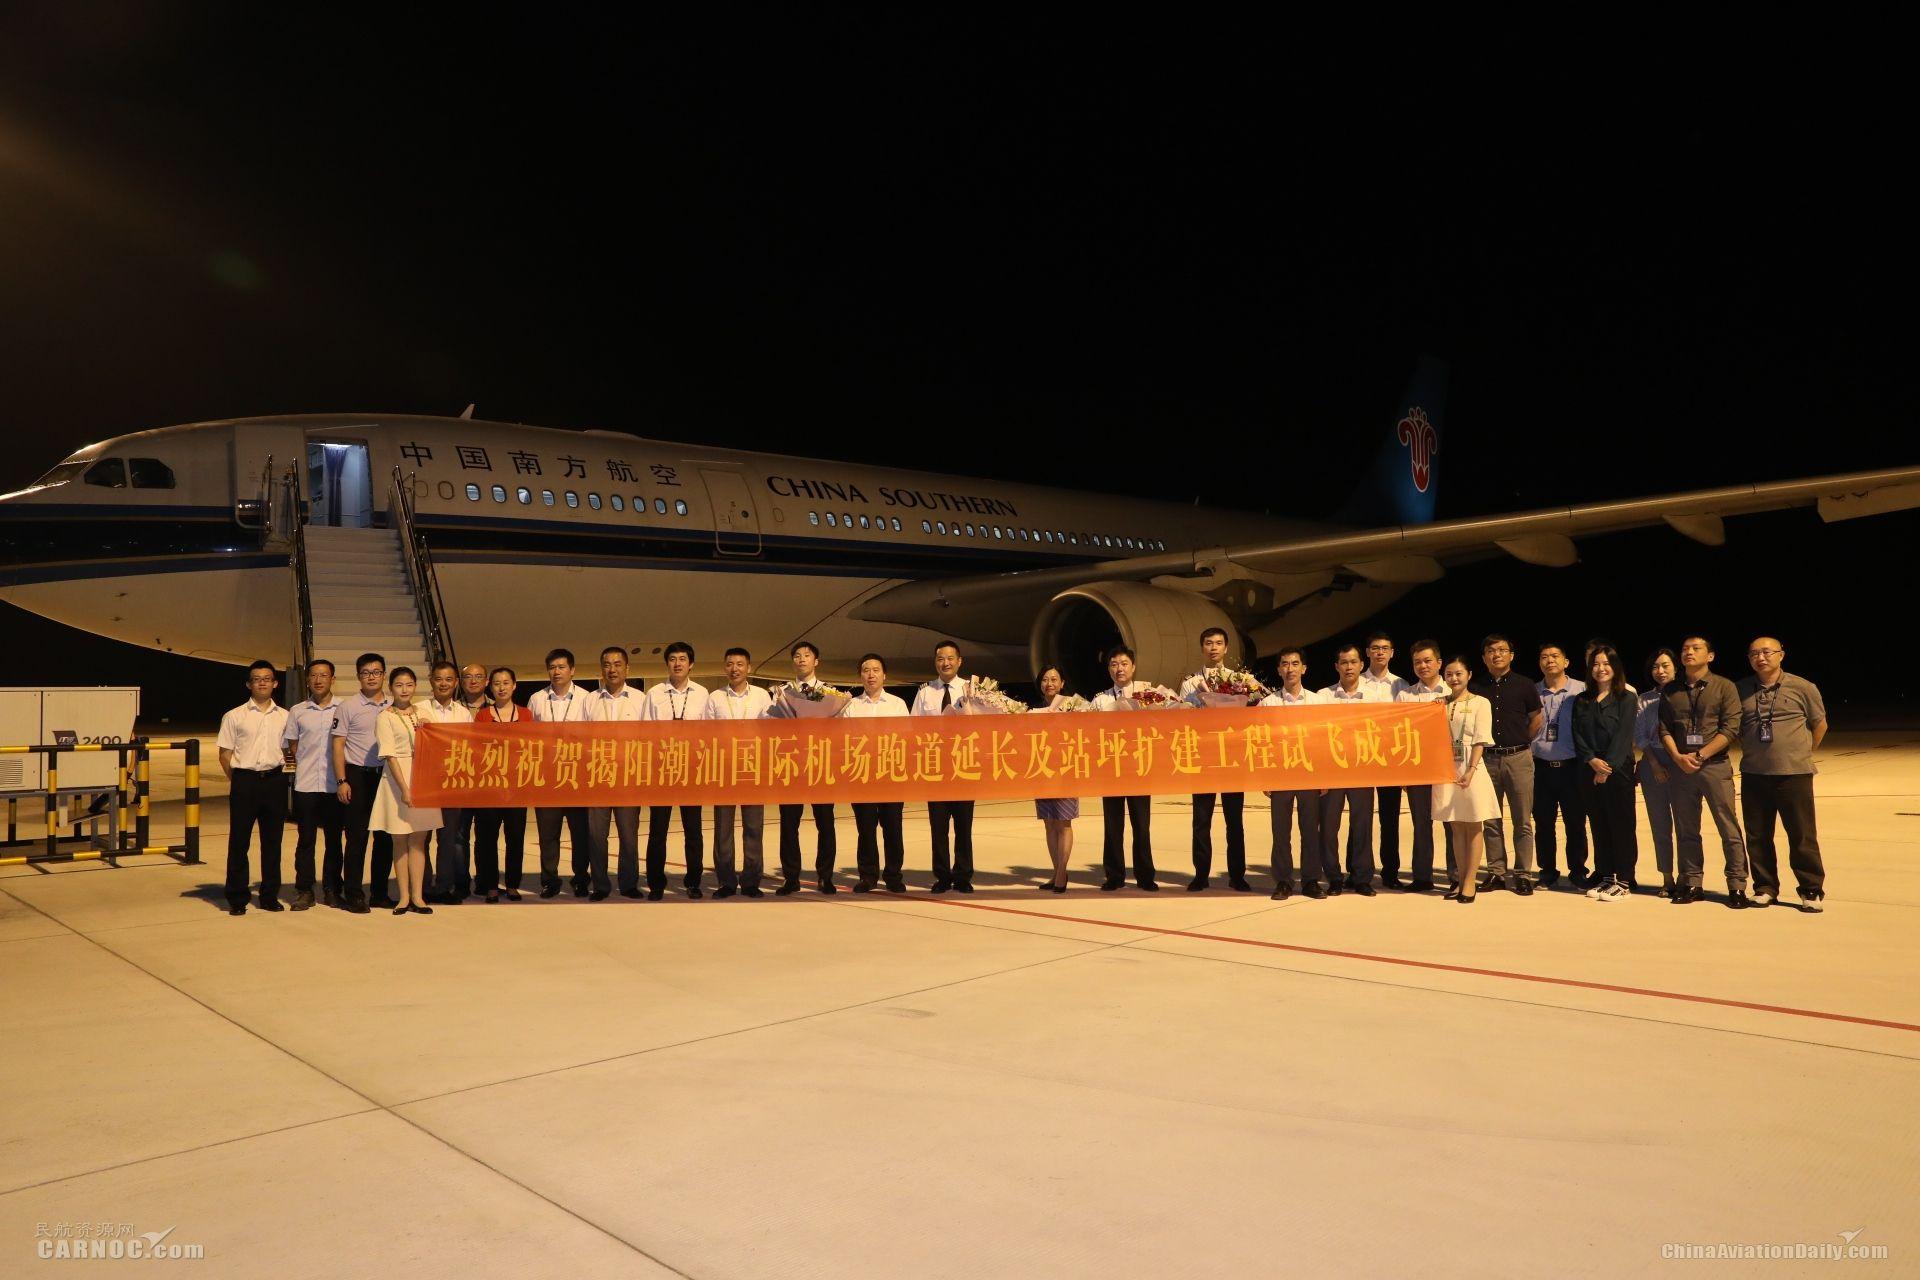 揭阳潮汕机场扩建工程成功试飞 力争2021年进入千万级机场